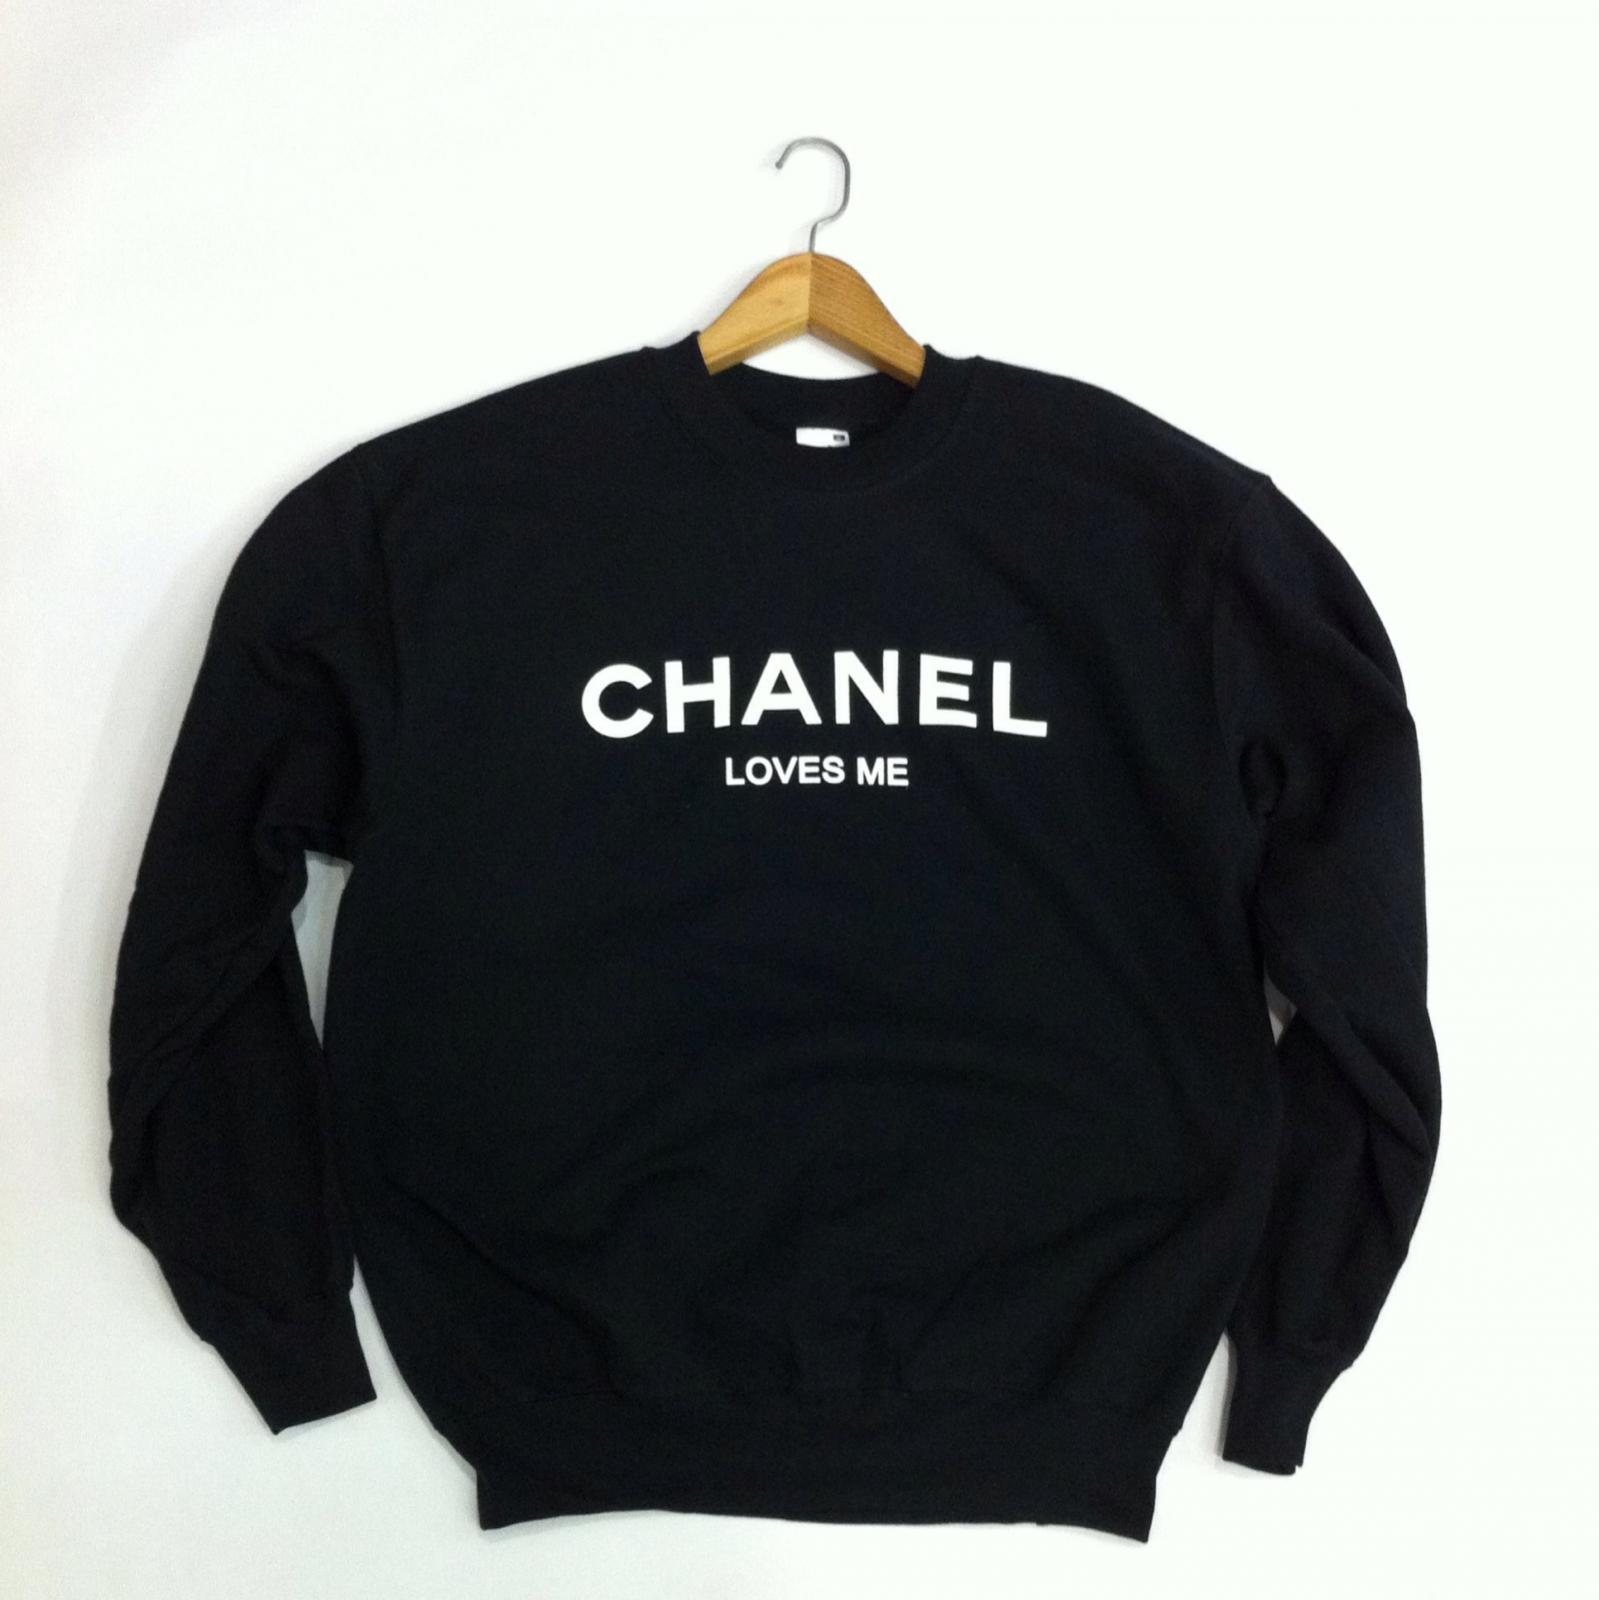 Sudadera Chanelovesme precios comprar Sudadera Chanelovesme precio barato